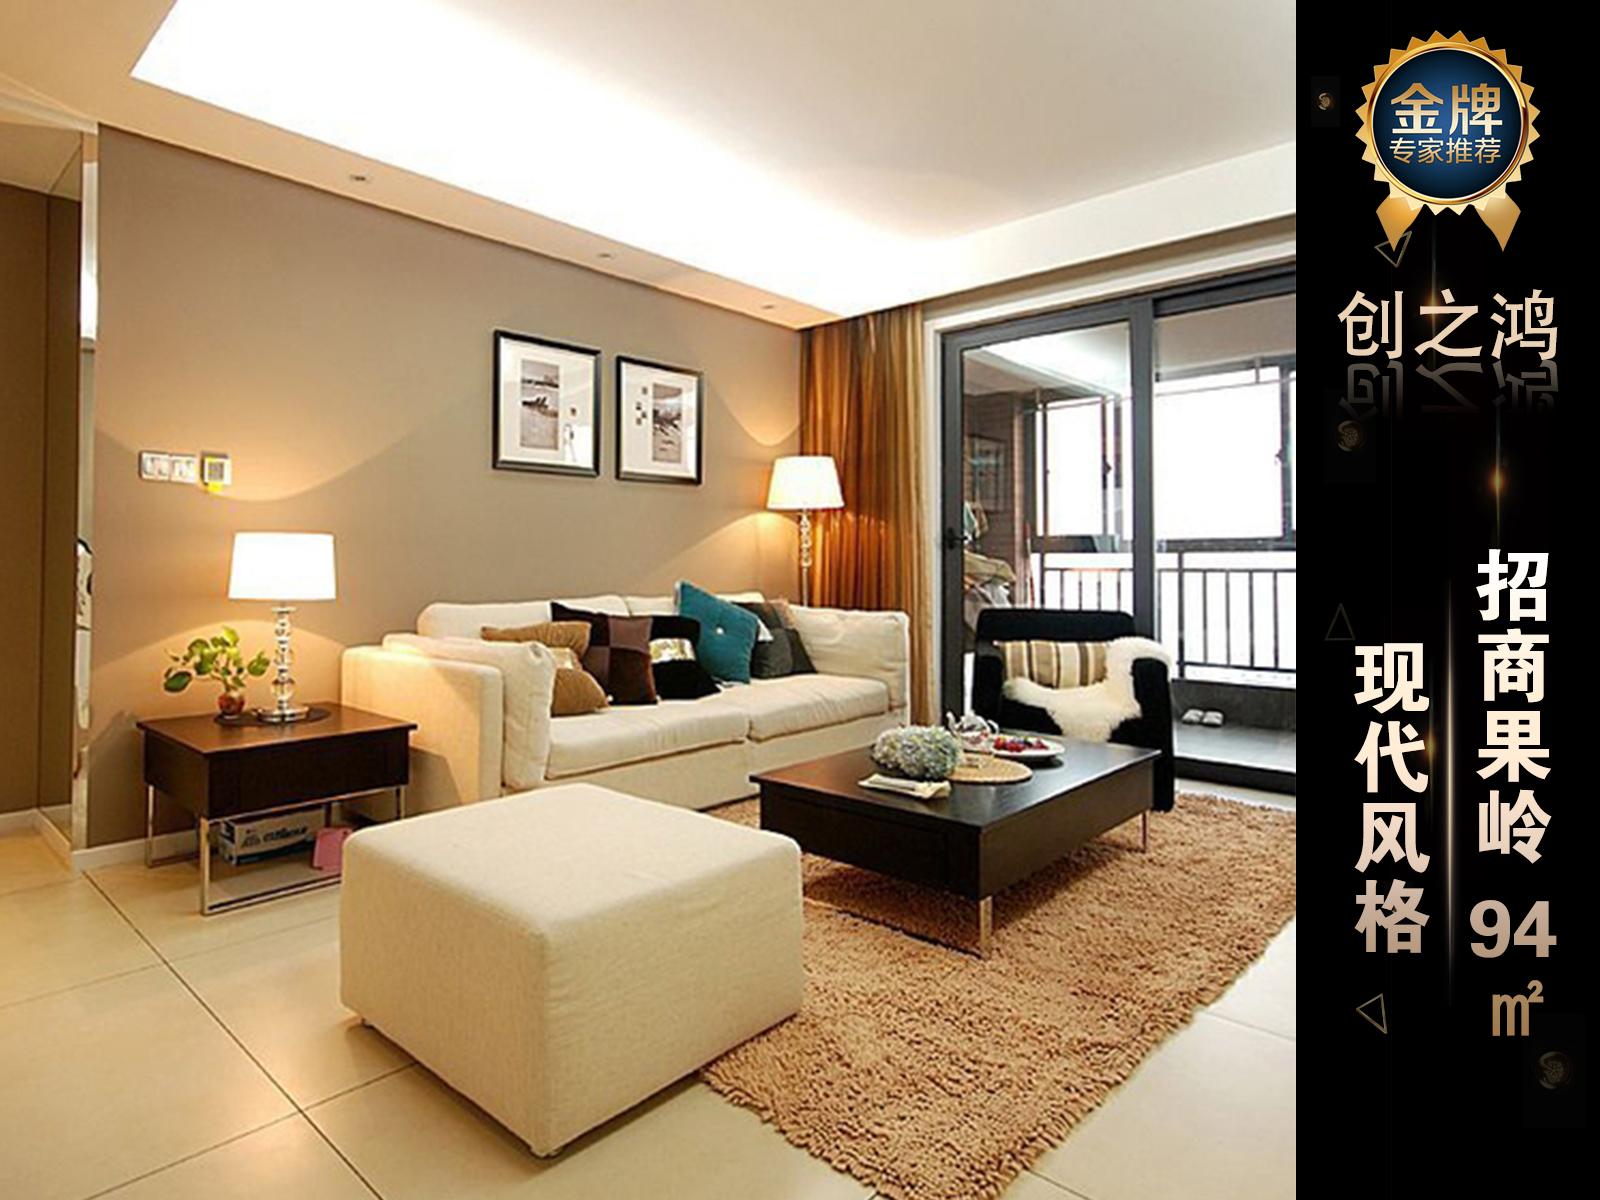 招商果岭94平米两室两厅现代风格装修效果图